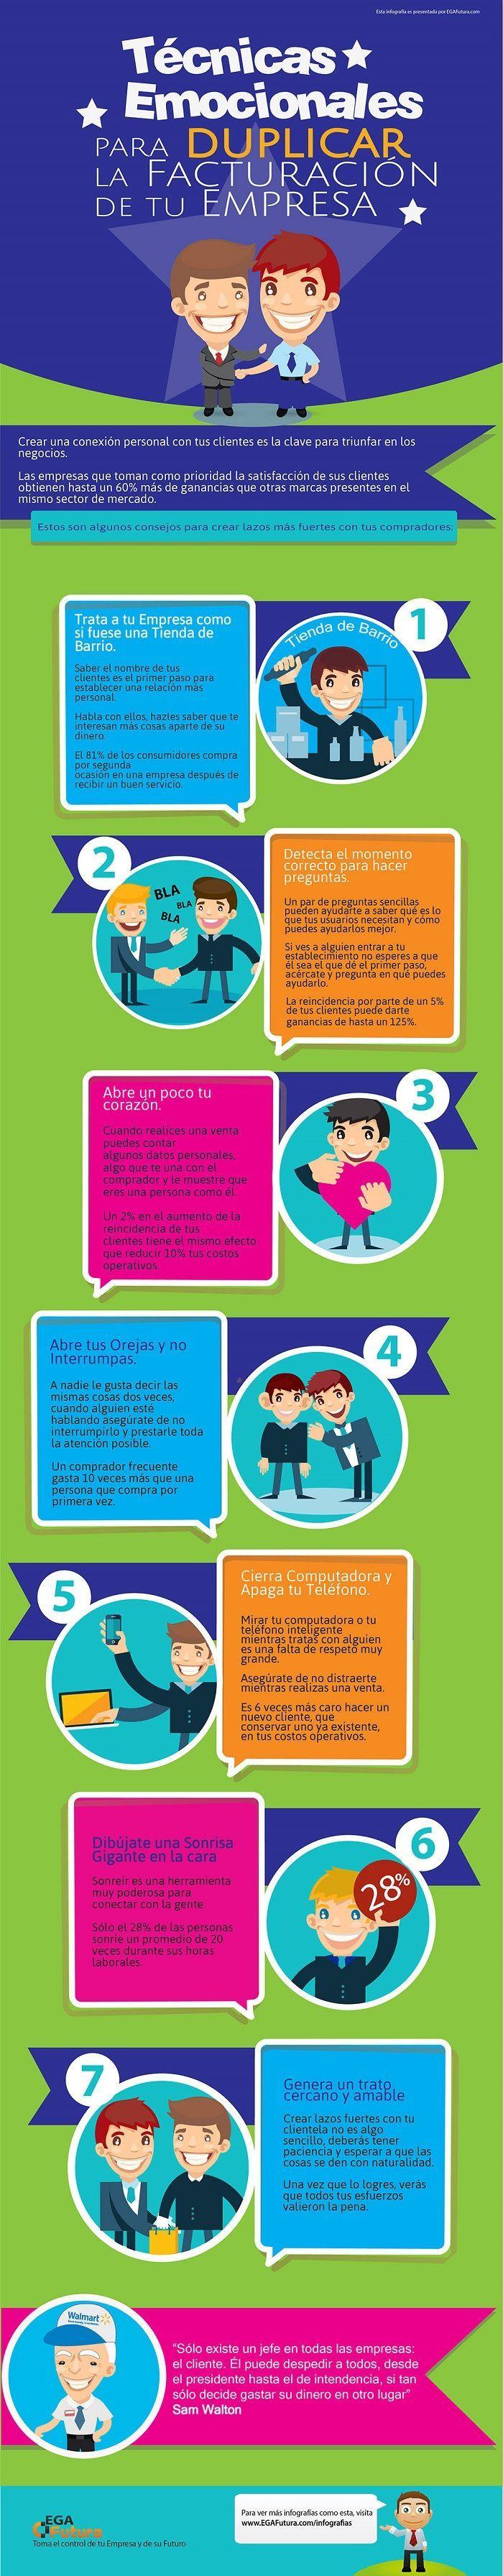 Recomendaciones y tips para desarrollar emprededurismo y negocios.